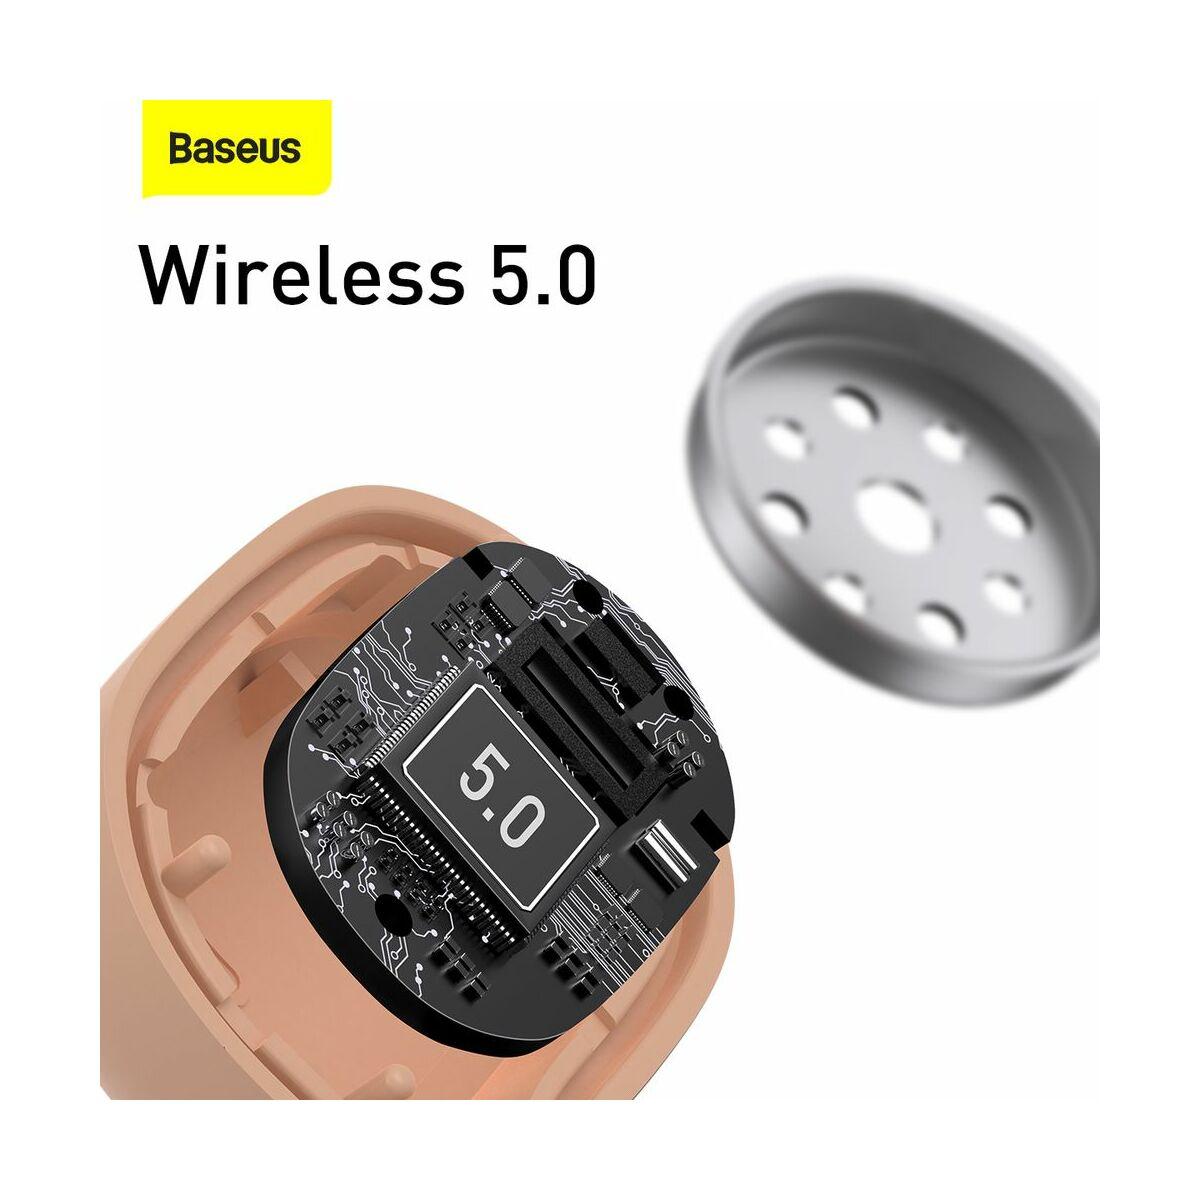 Baseus fülhallgató, Bluetooth Encok W06, True Wireless, vezeték nélküli, BT 5.0 TWS, 5 óra zeneidő, rózsaszín (NGW06-04)